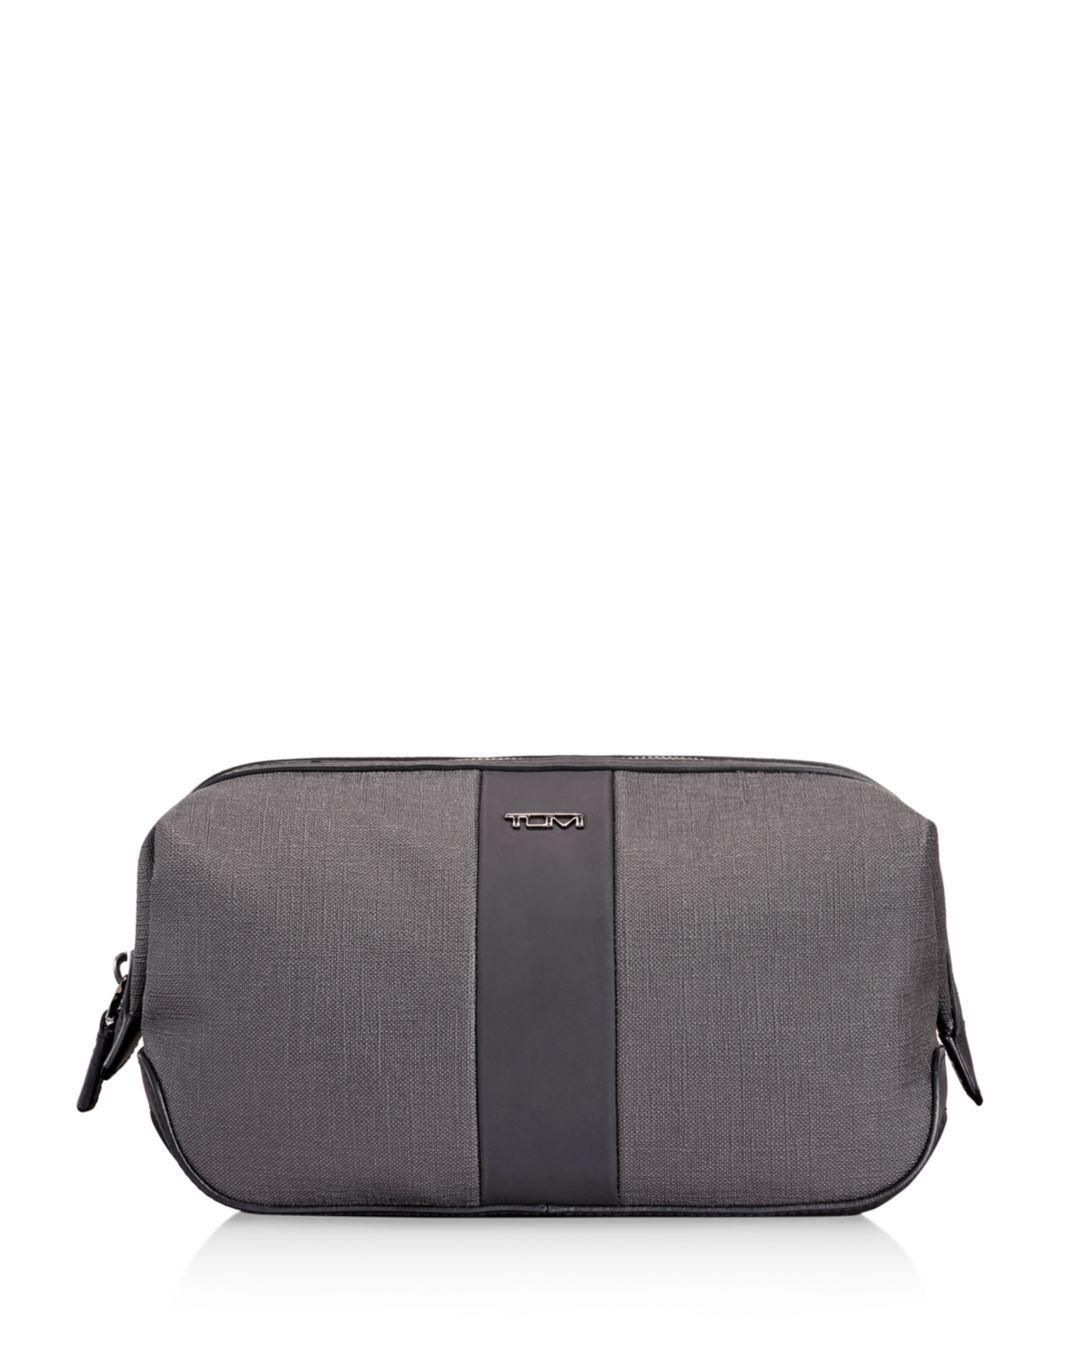 Tumi Ashton Raymond Travel Kit In Gray For Men Lyst